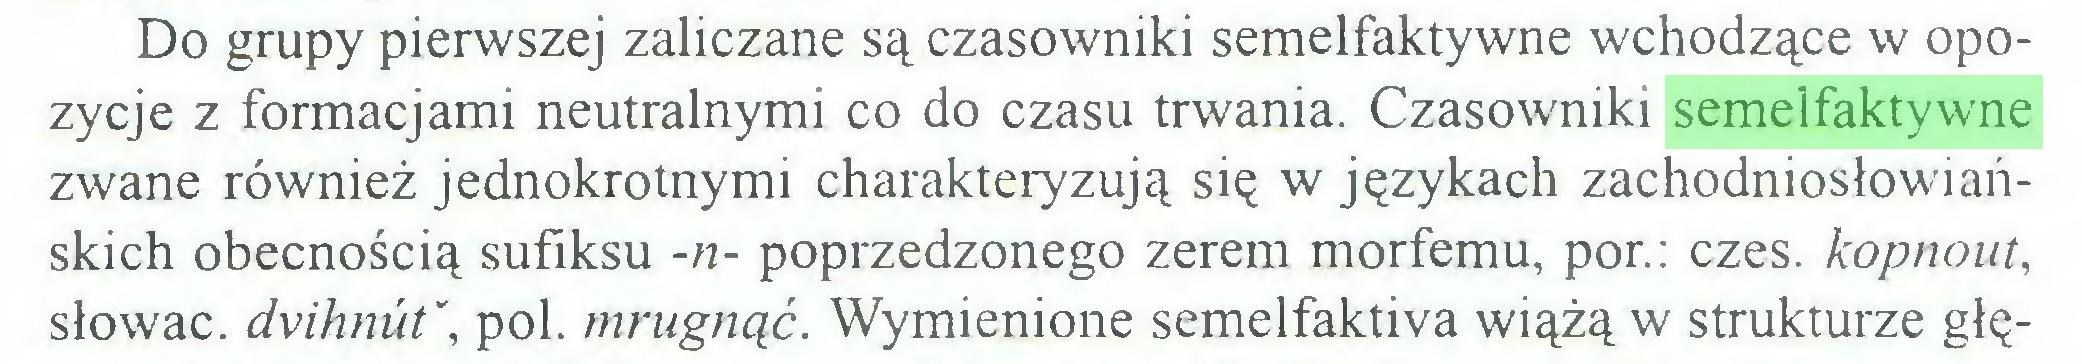 (...) Do grupy pierwszej zaliczane są czasowniki semelfaktywne wchodzące w opozycje z formacjami neutralnymi co do czasu trwania. Czasowniki semelfaktywne zwane również jednokrotnymi charakteryzują się w językach zachodniosłowiańskich obecnością sufiksu -n- poprzedzonego zerem morfemu, por.: czes. kopnout, słowac. dvihnut\ poi. mrugnąć. Wymienione semelfaktiva wiążą w strukturze głę...